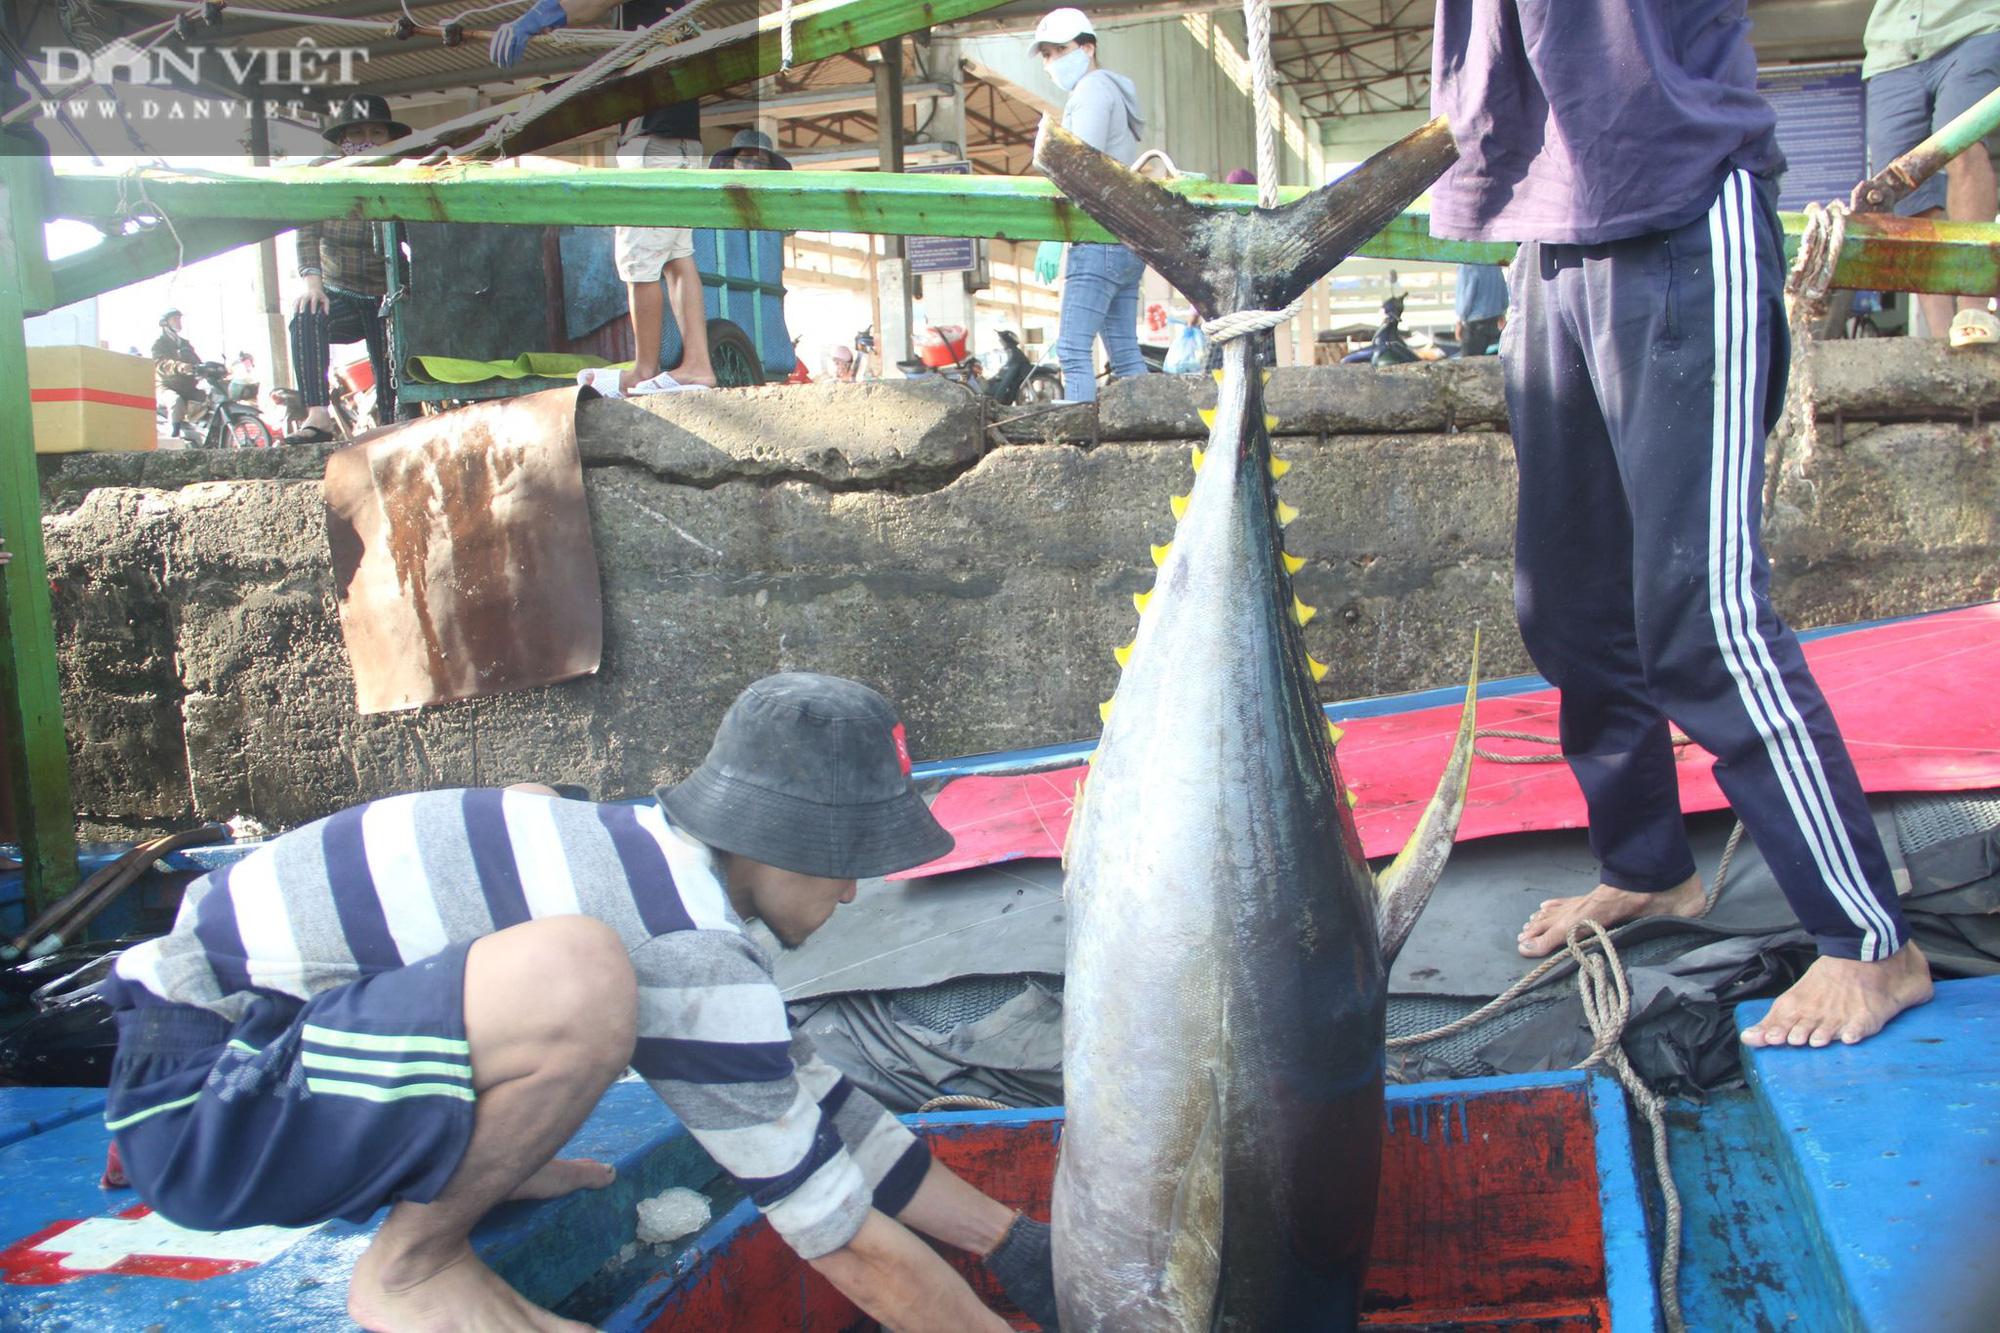 Cận cảnh đưa cá ngừ đại dương về bờ sau chuyến biển xuyên Tết - Ảnh 5.